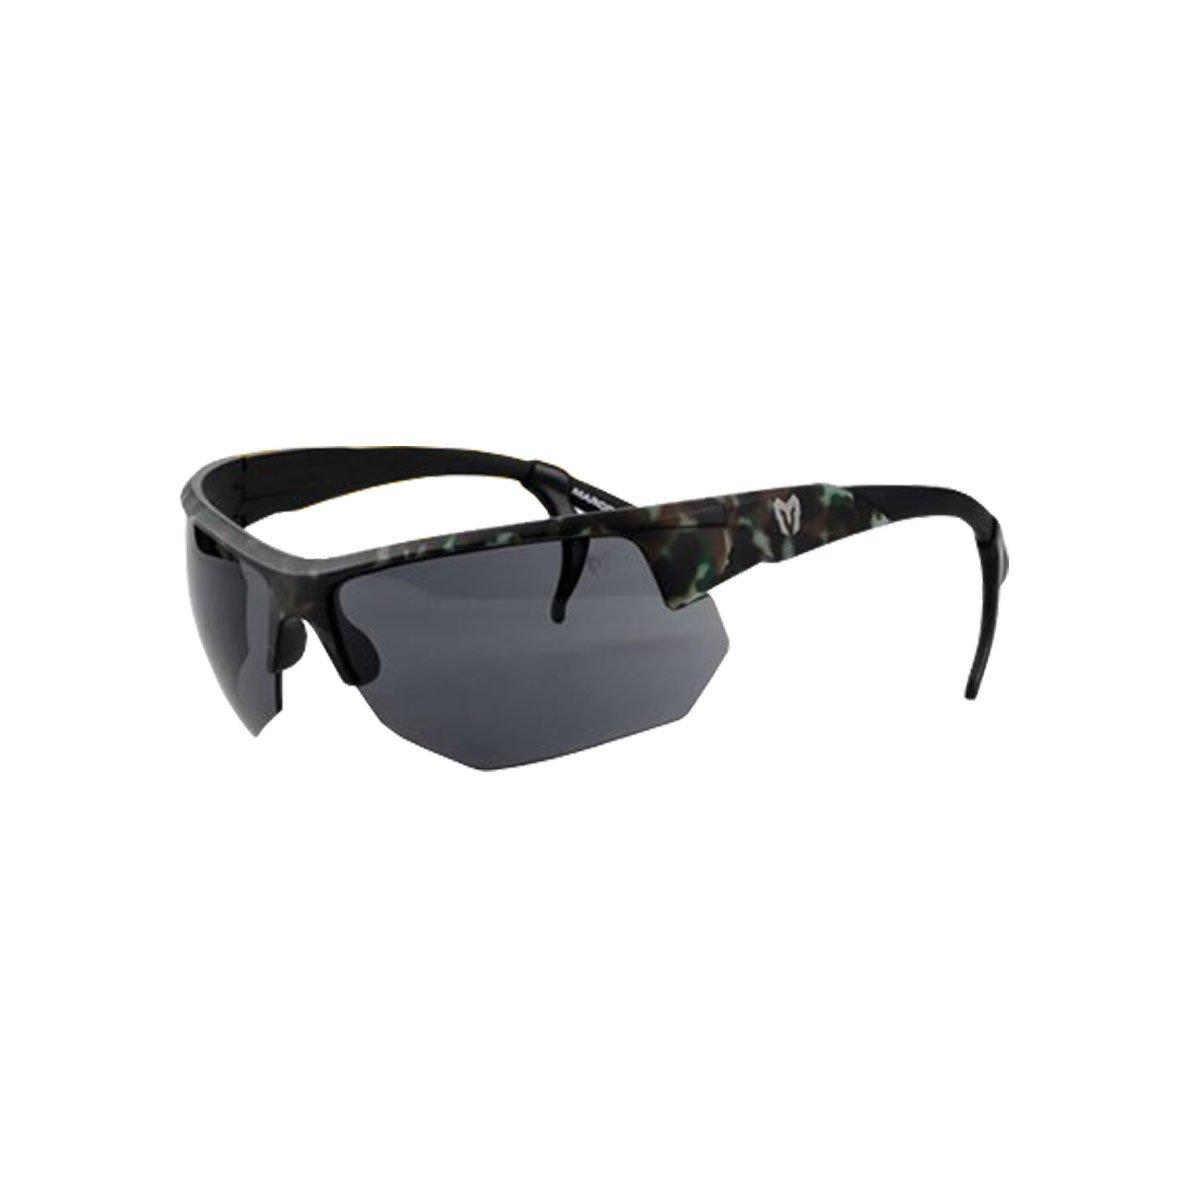 Óculos Marcos do Val Spartan Lente Preta